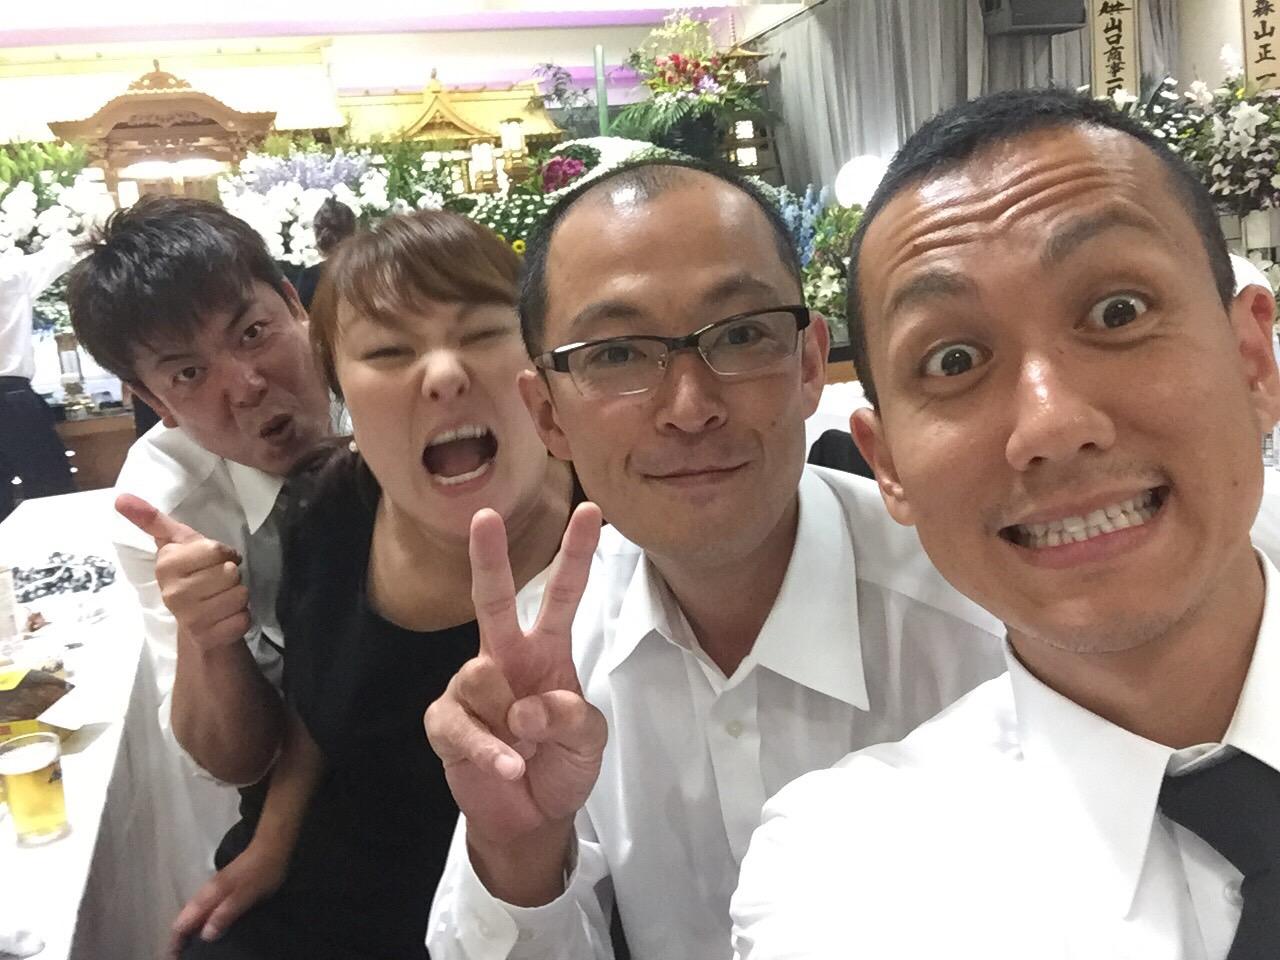 日曜日はトミ店のにこにこブログ☆ランクル ハマーの専門店☆_b0127002_18505386.jpg